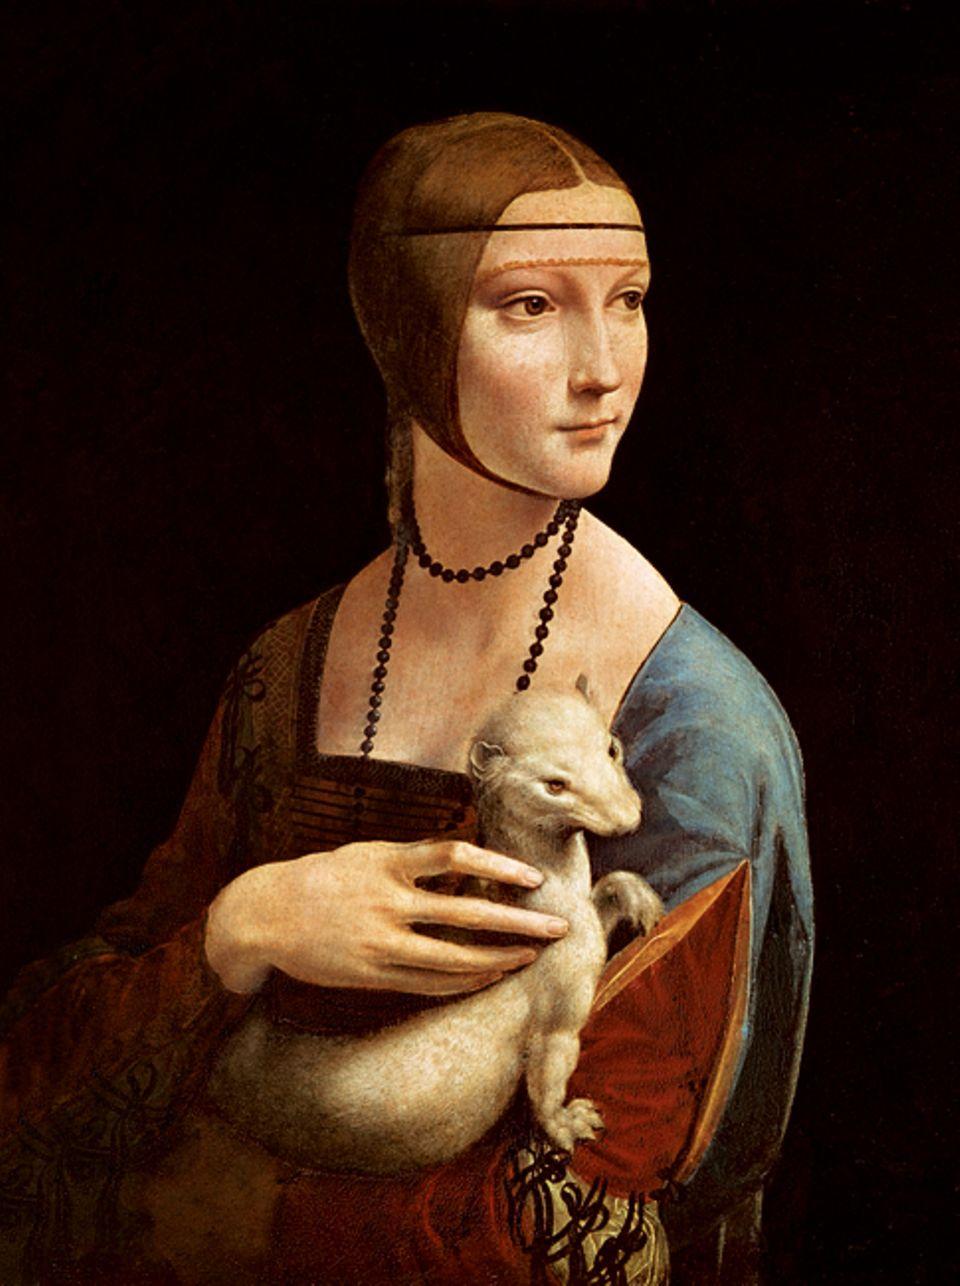 """Renaissance: """"Dame mit dem Hermelin"""": Als erster Künstler Italiens zeigt Leonardo Frauen nicht, wie es schicklich ist, im Profil, sondern halb oder ganz von vorn. Um 1490 porträtiert er die Geliebte des Mailänder Herzogs Ludovico Sforza, dem er auch als Ingenieur dient"""